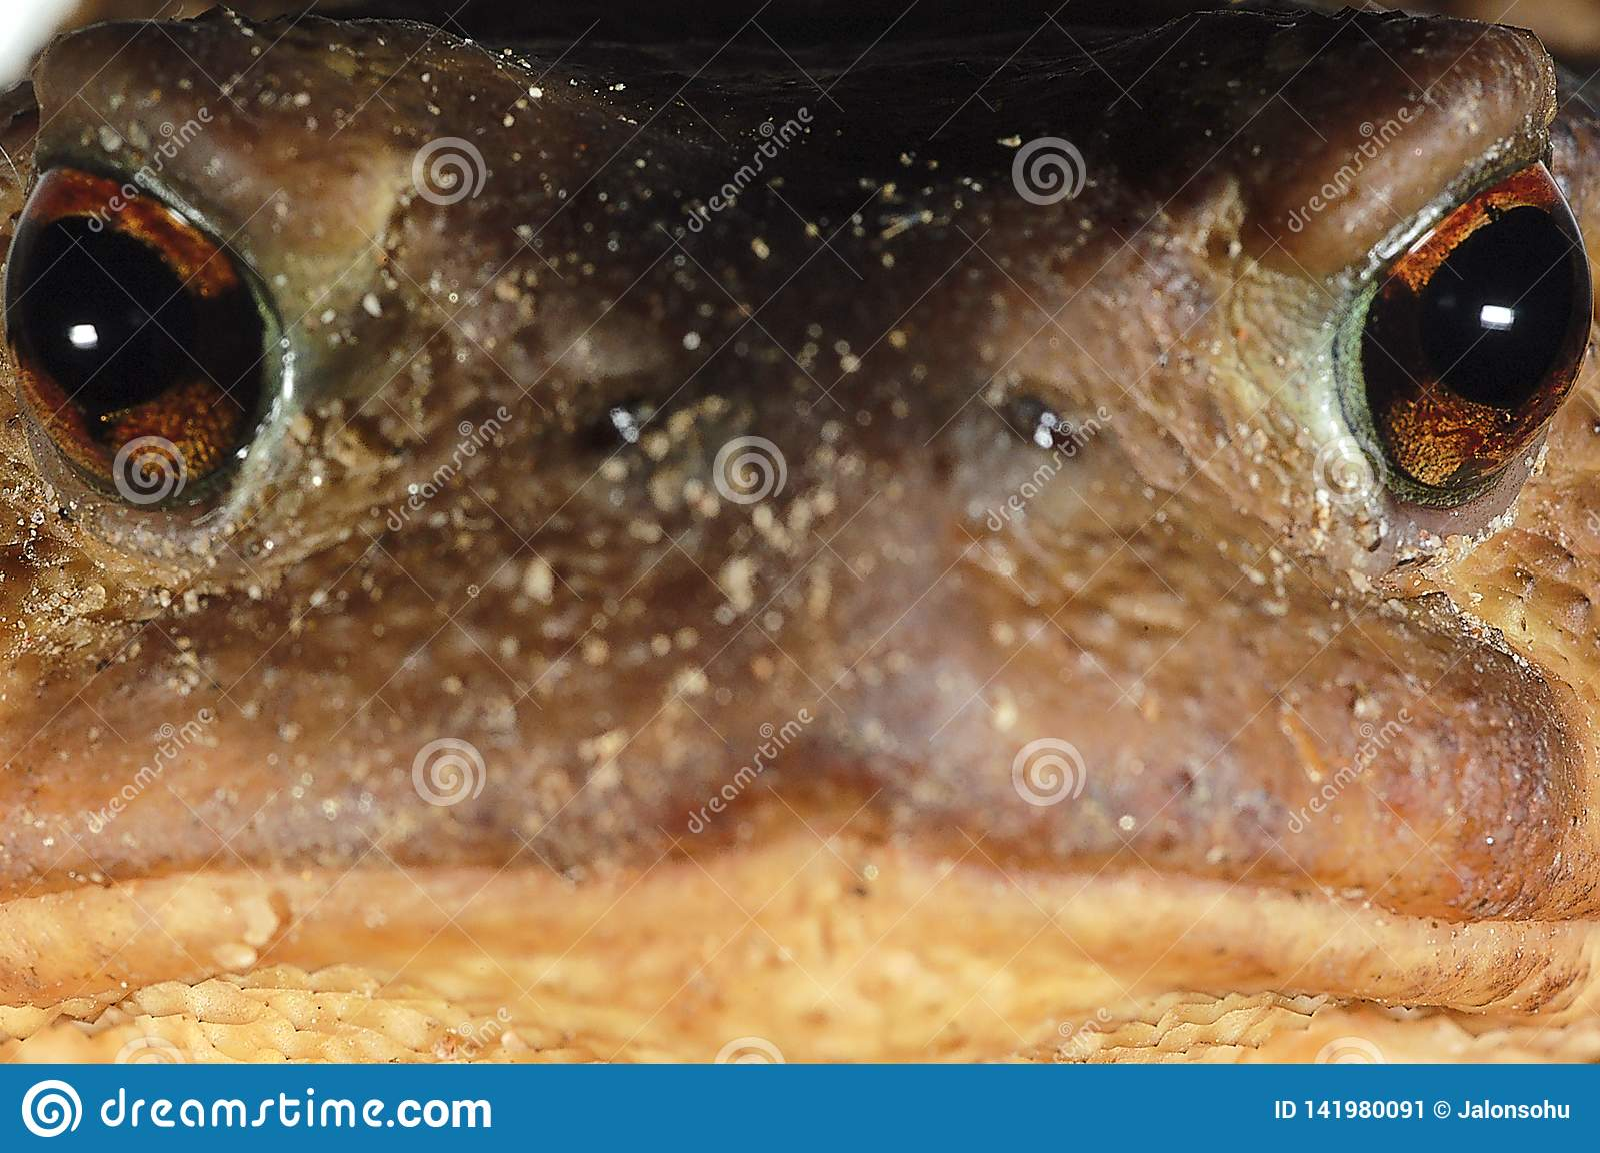 Allgemeines Kröte bufo bufo, Amphibie